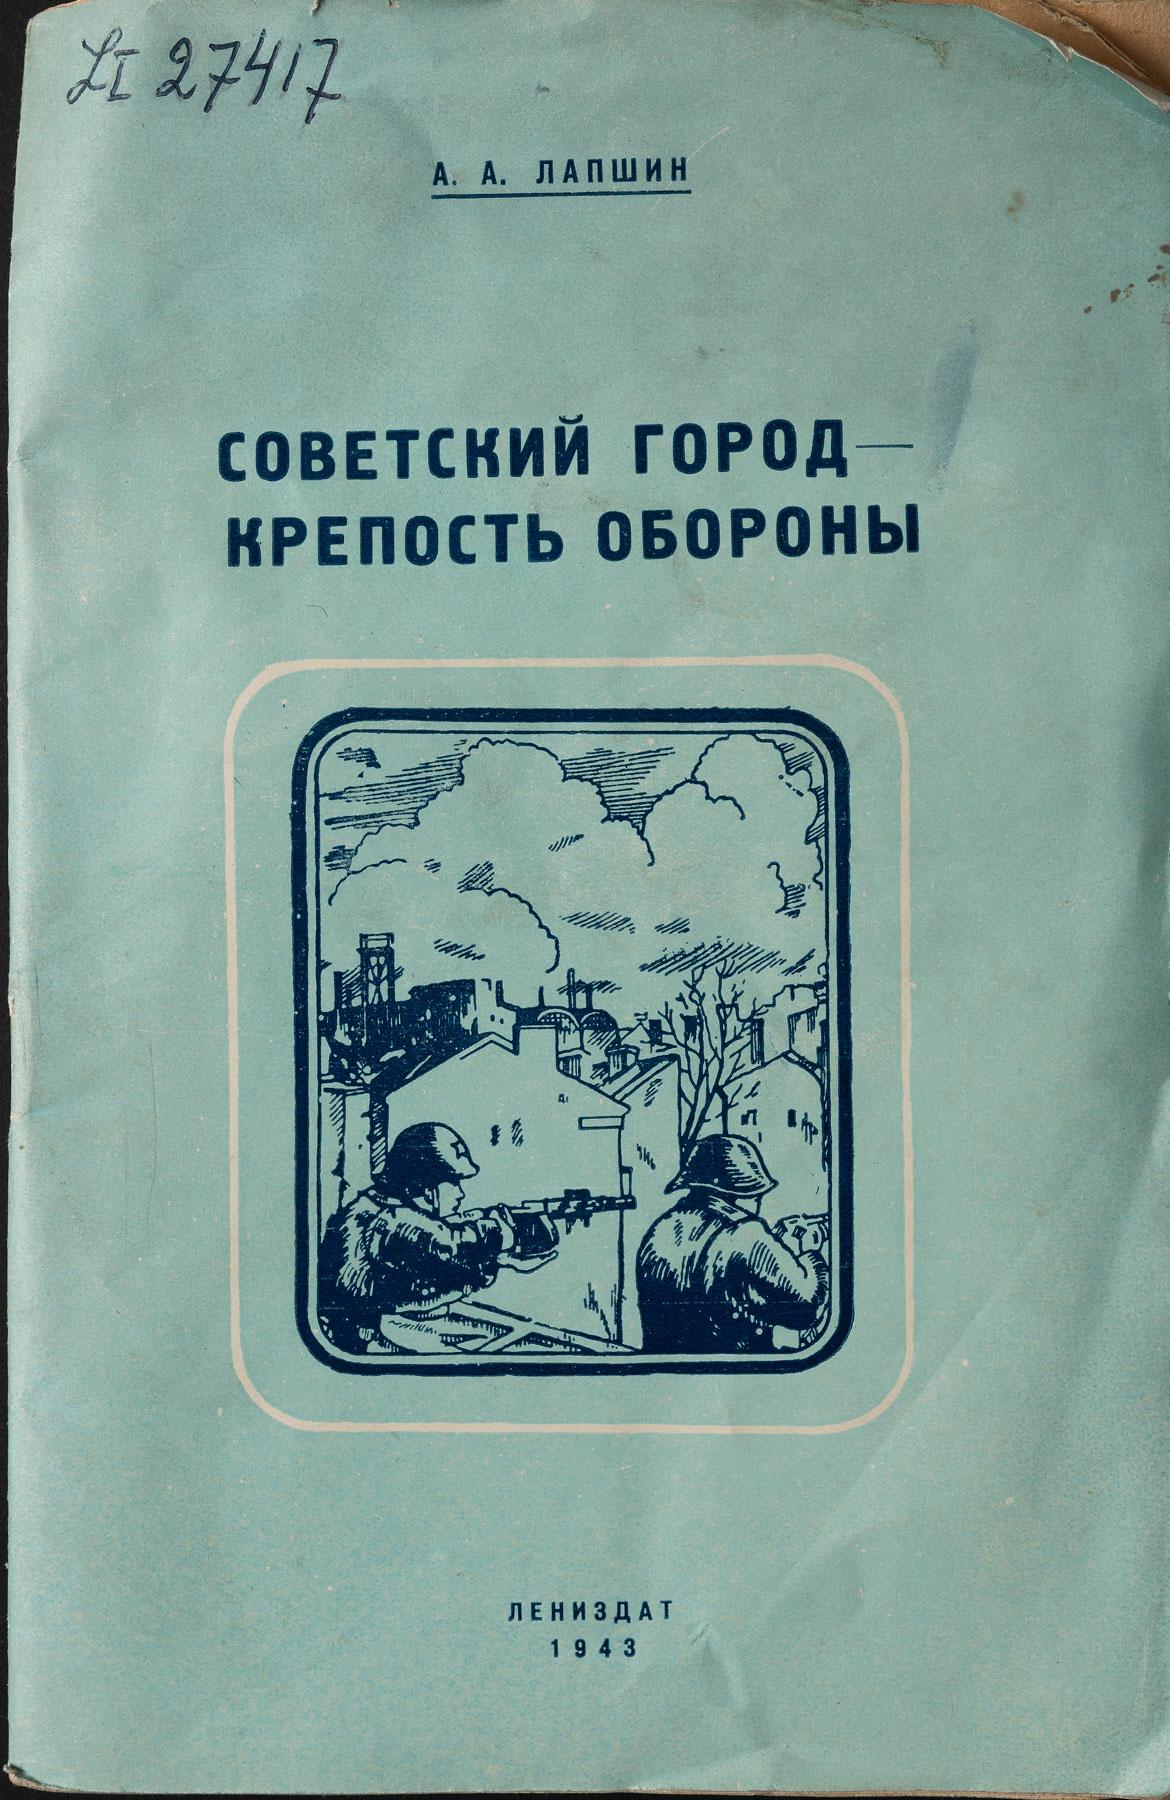 Опираясь на опыт прошлого и учитывая современные достижения, советский военный инженер А. А. Лапшин в своей работе предлагал методические указания по обороне населенных пунктов